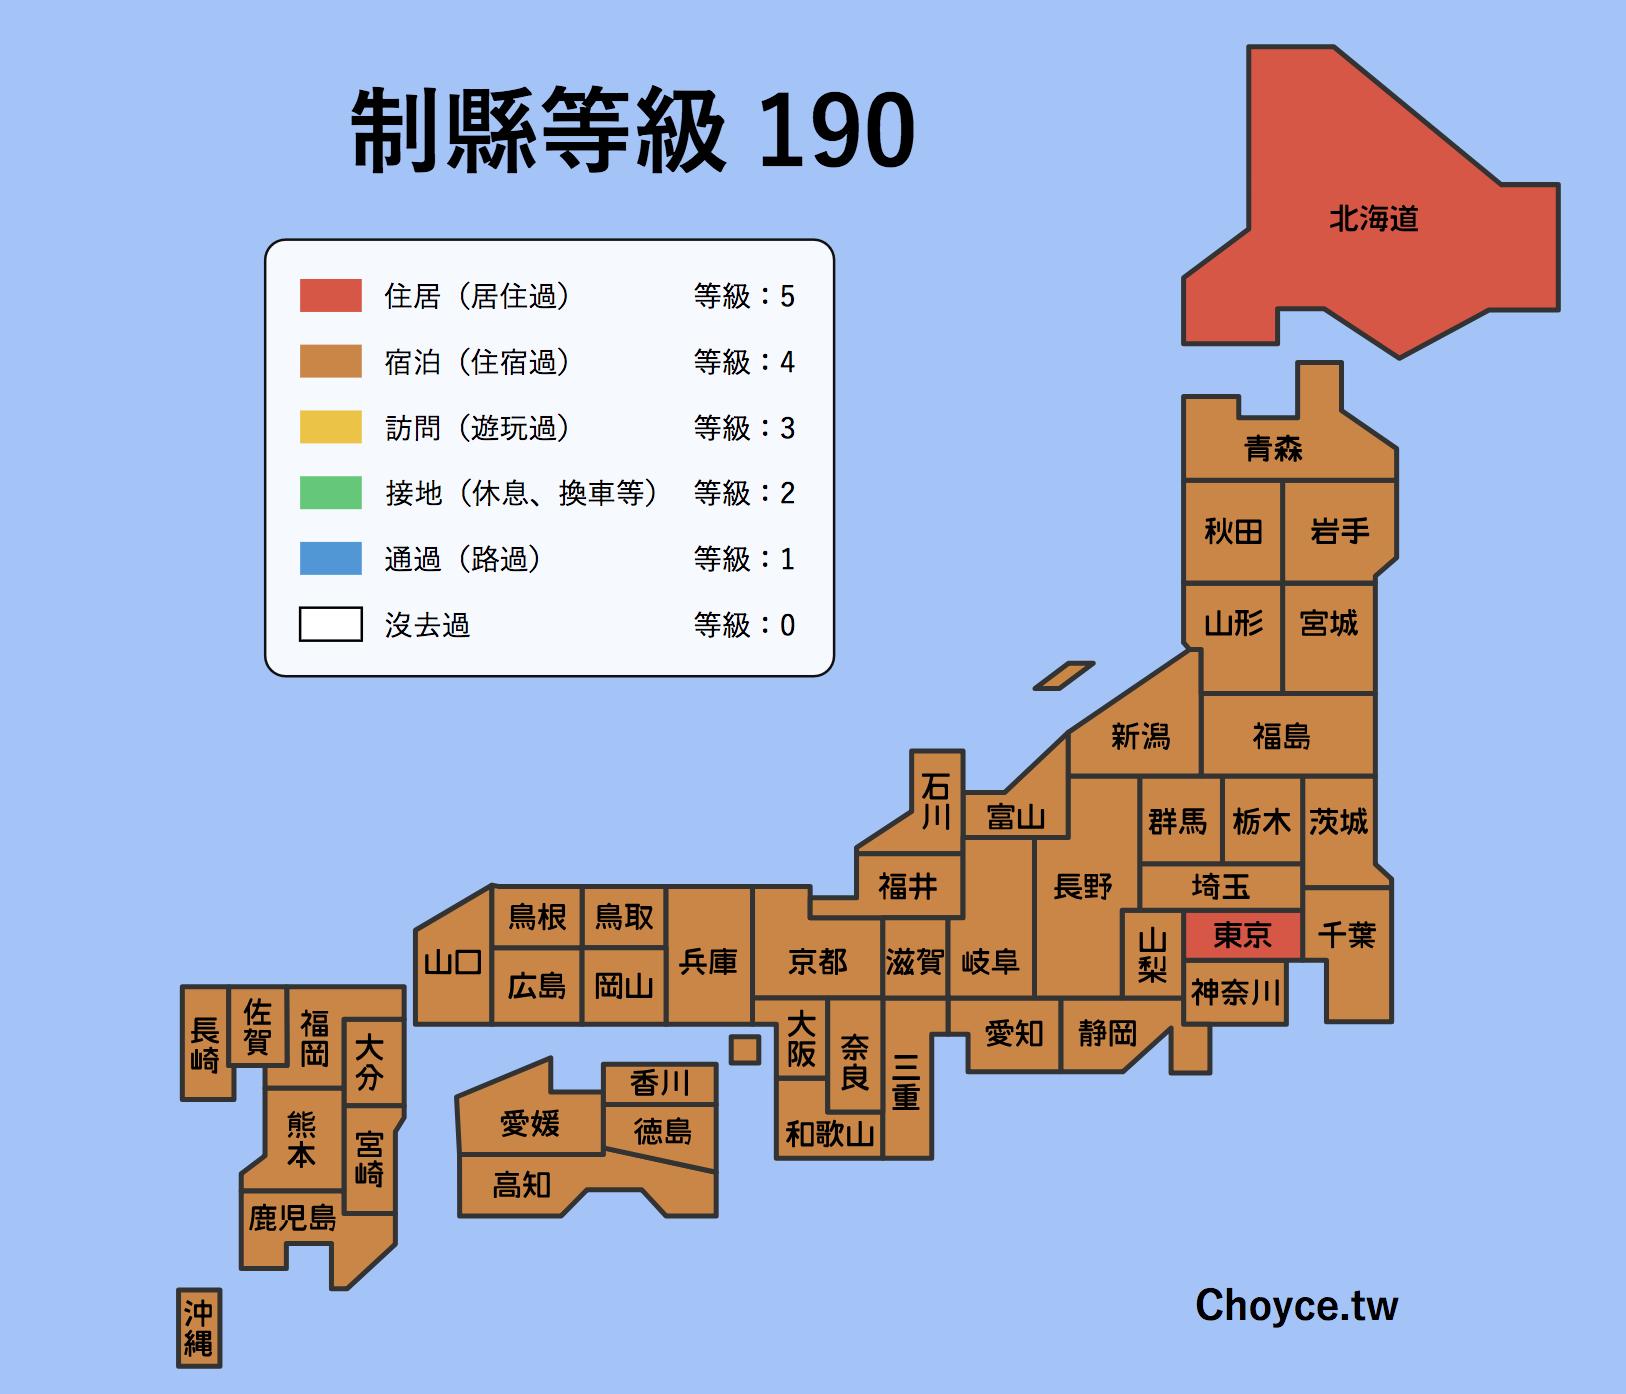 (日本旅遊經驗值) 你的日旅經驗值有多少?